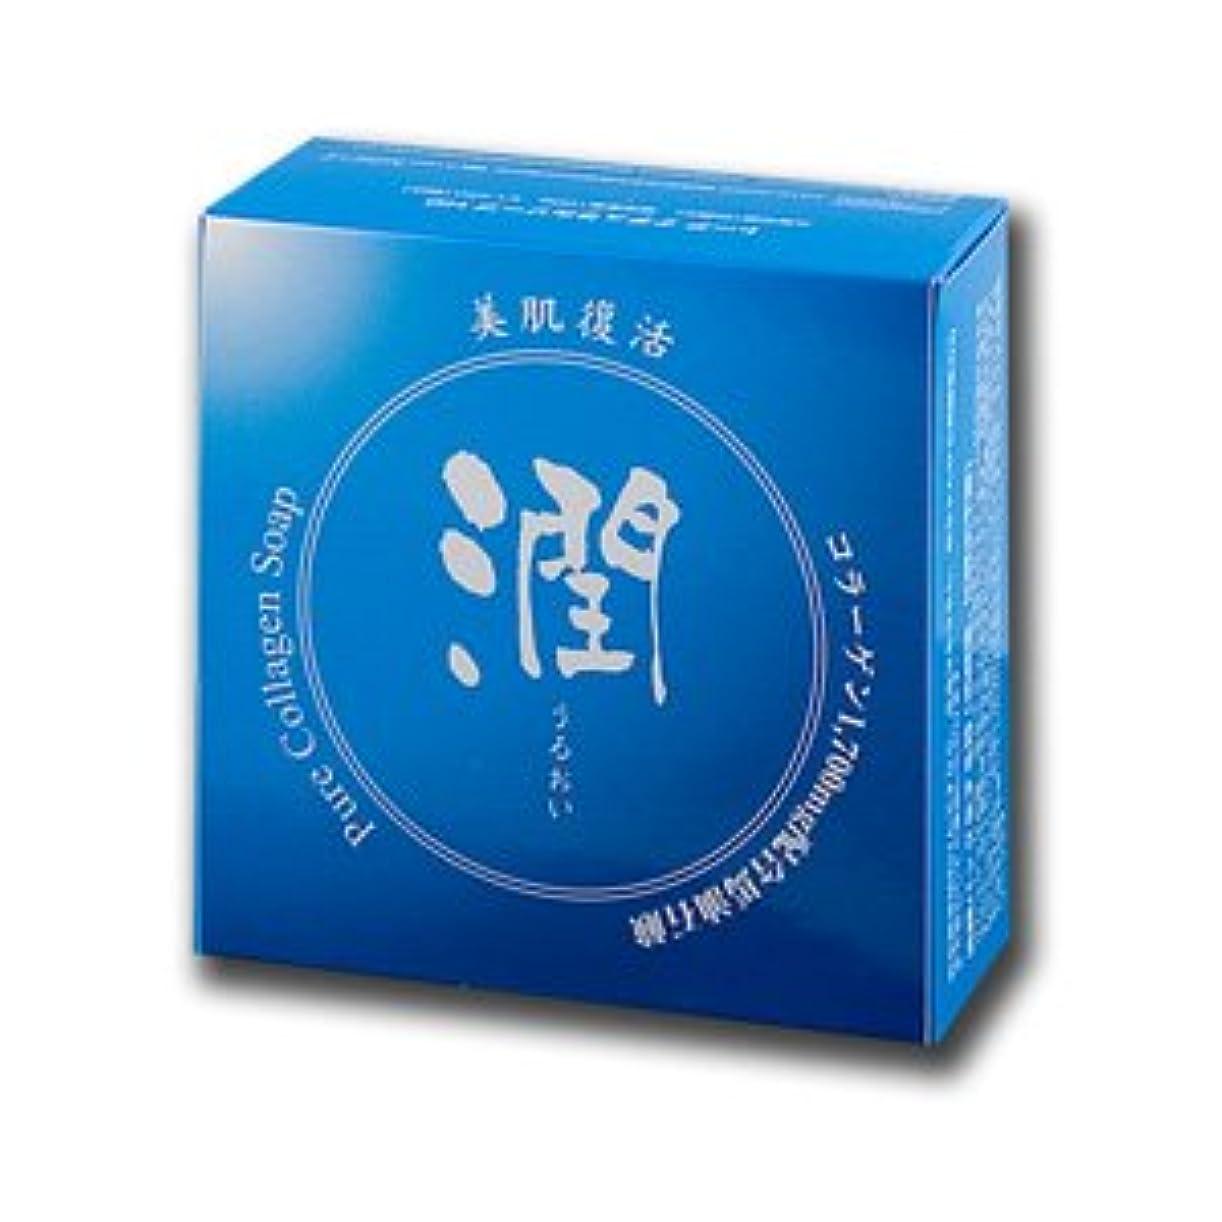 歴史熱心な行列コラーゲン馬油石鹸 潤 100g (#800410) ×6個セット